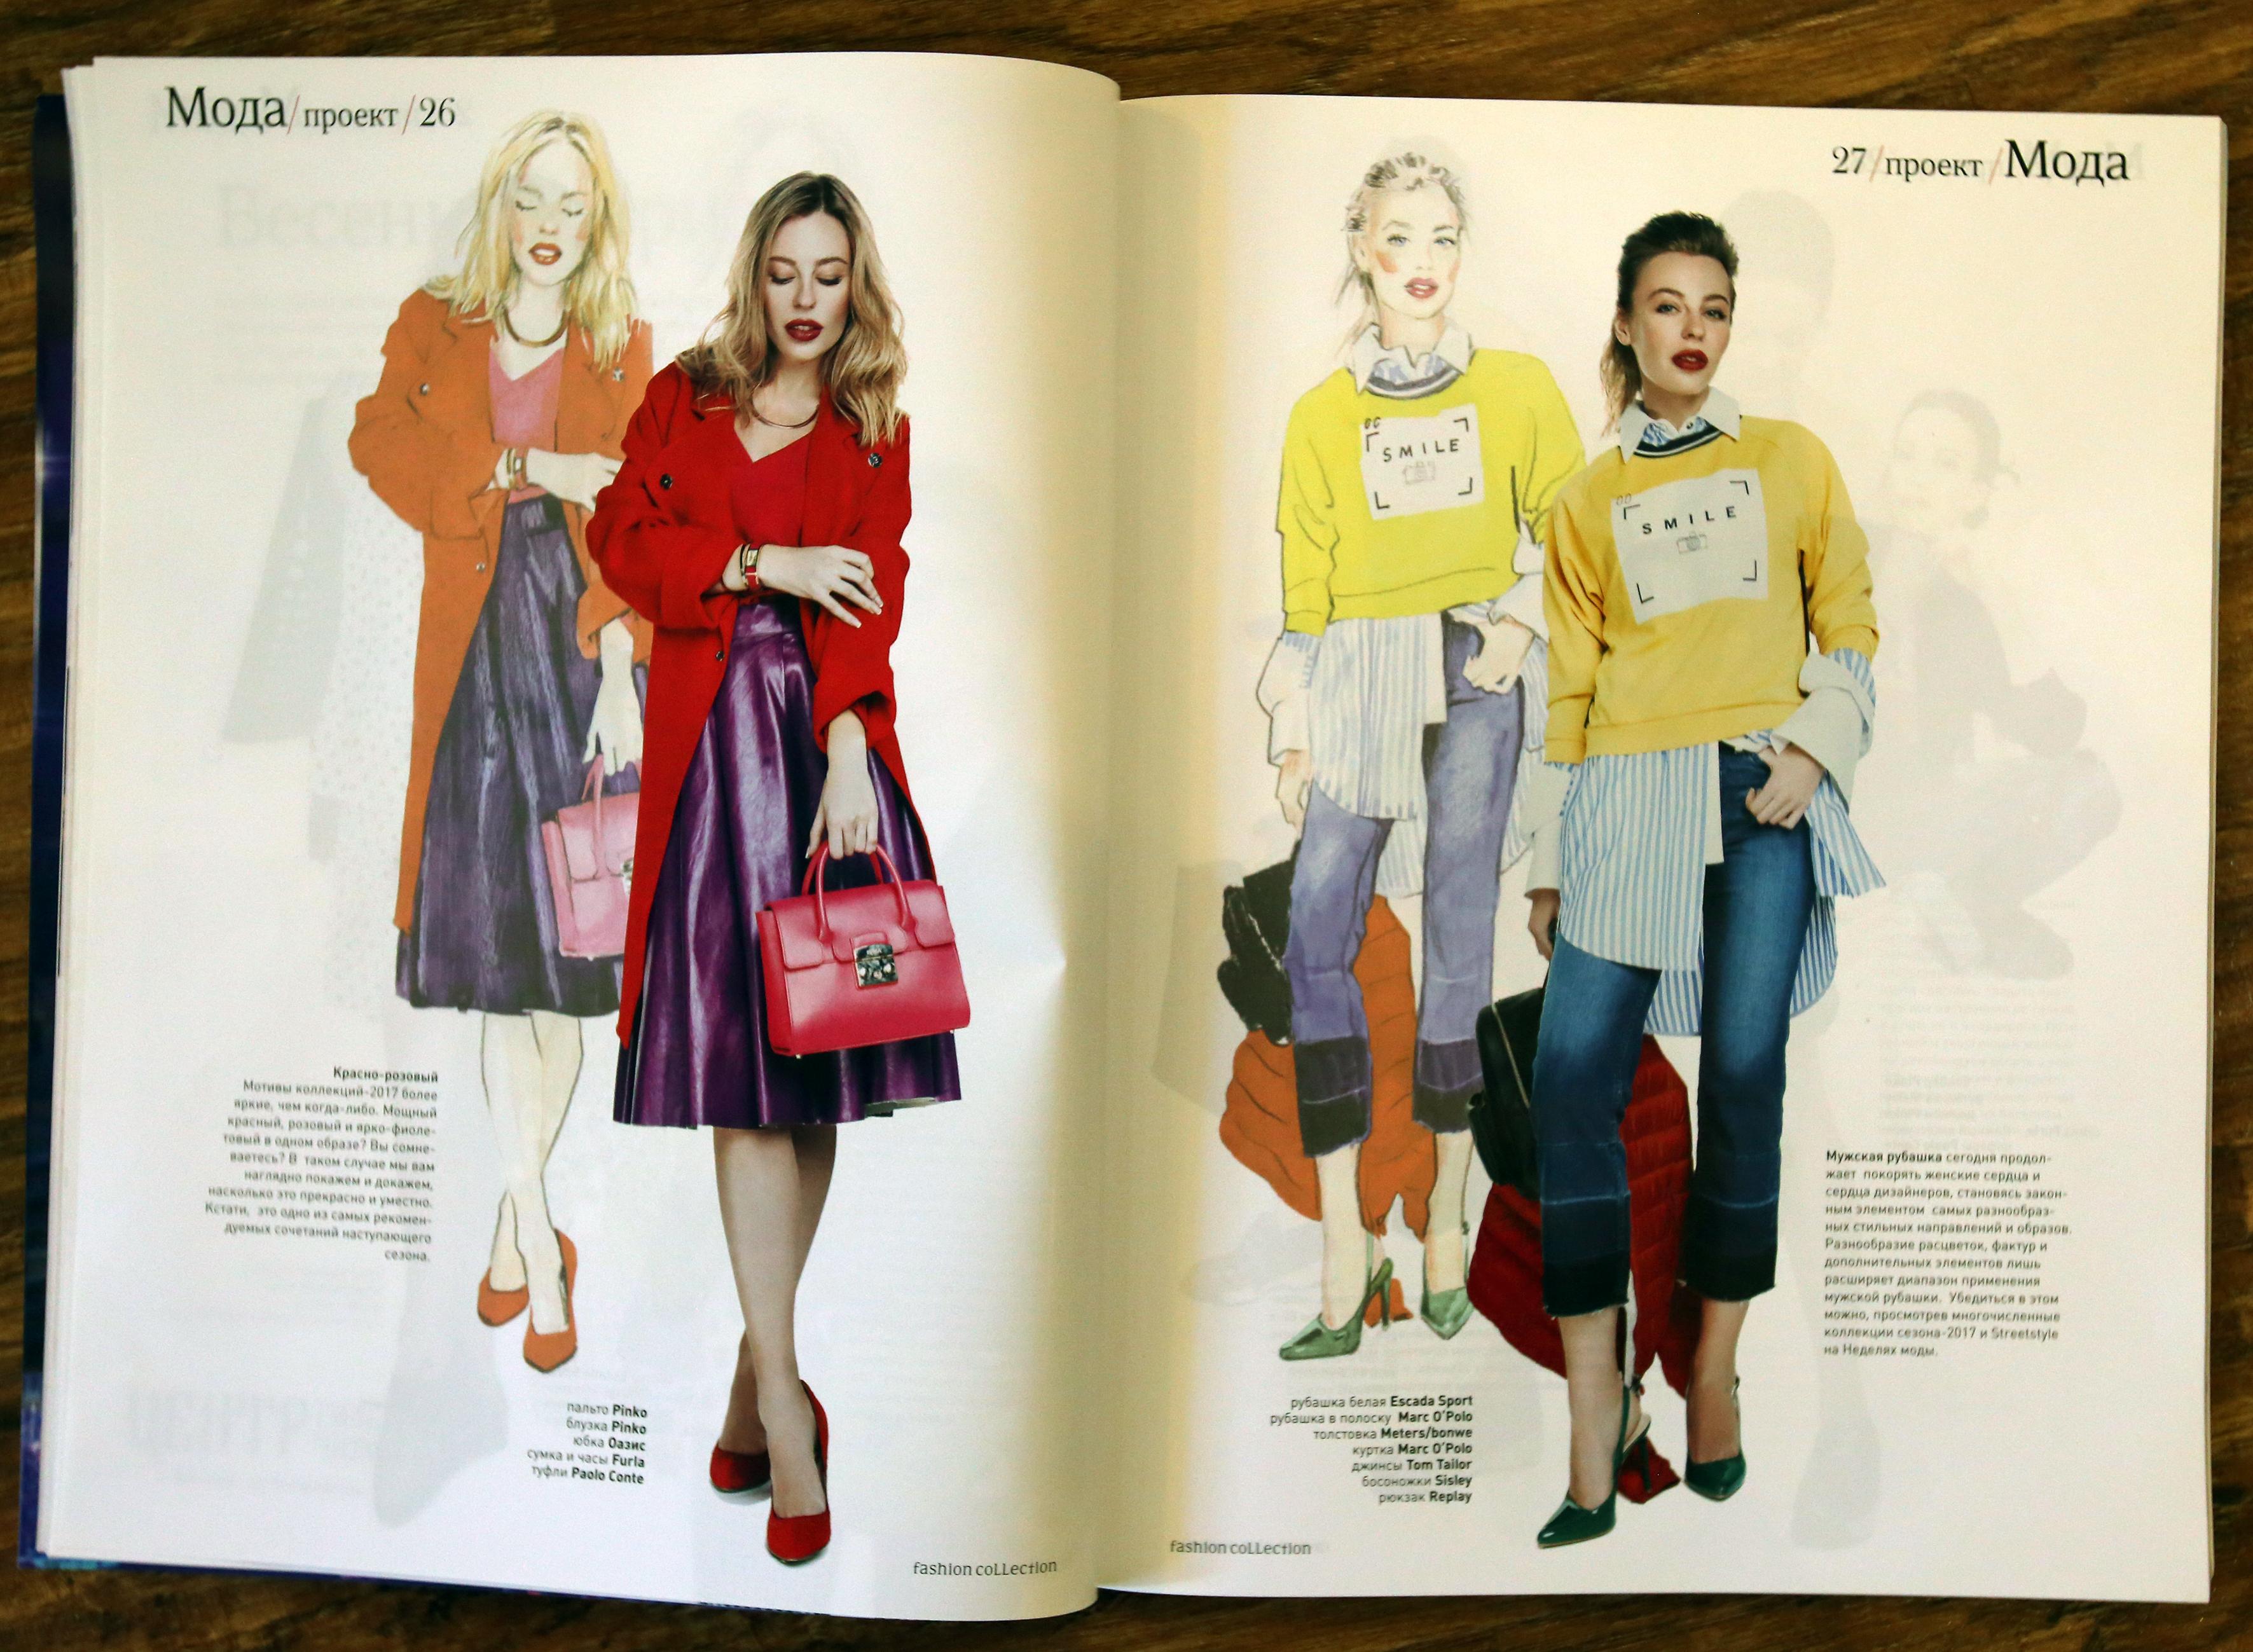 Иллюстрации Лены Сень в одном из журналов.